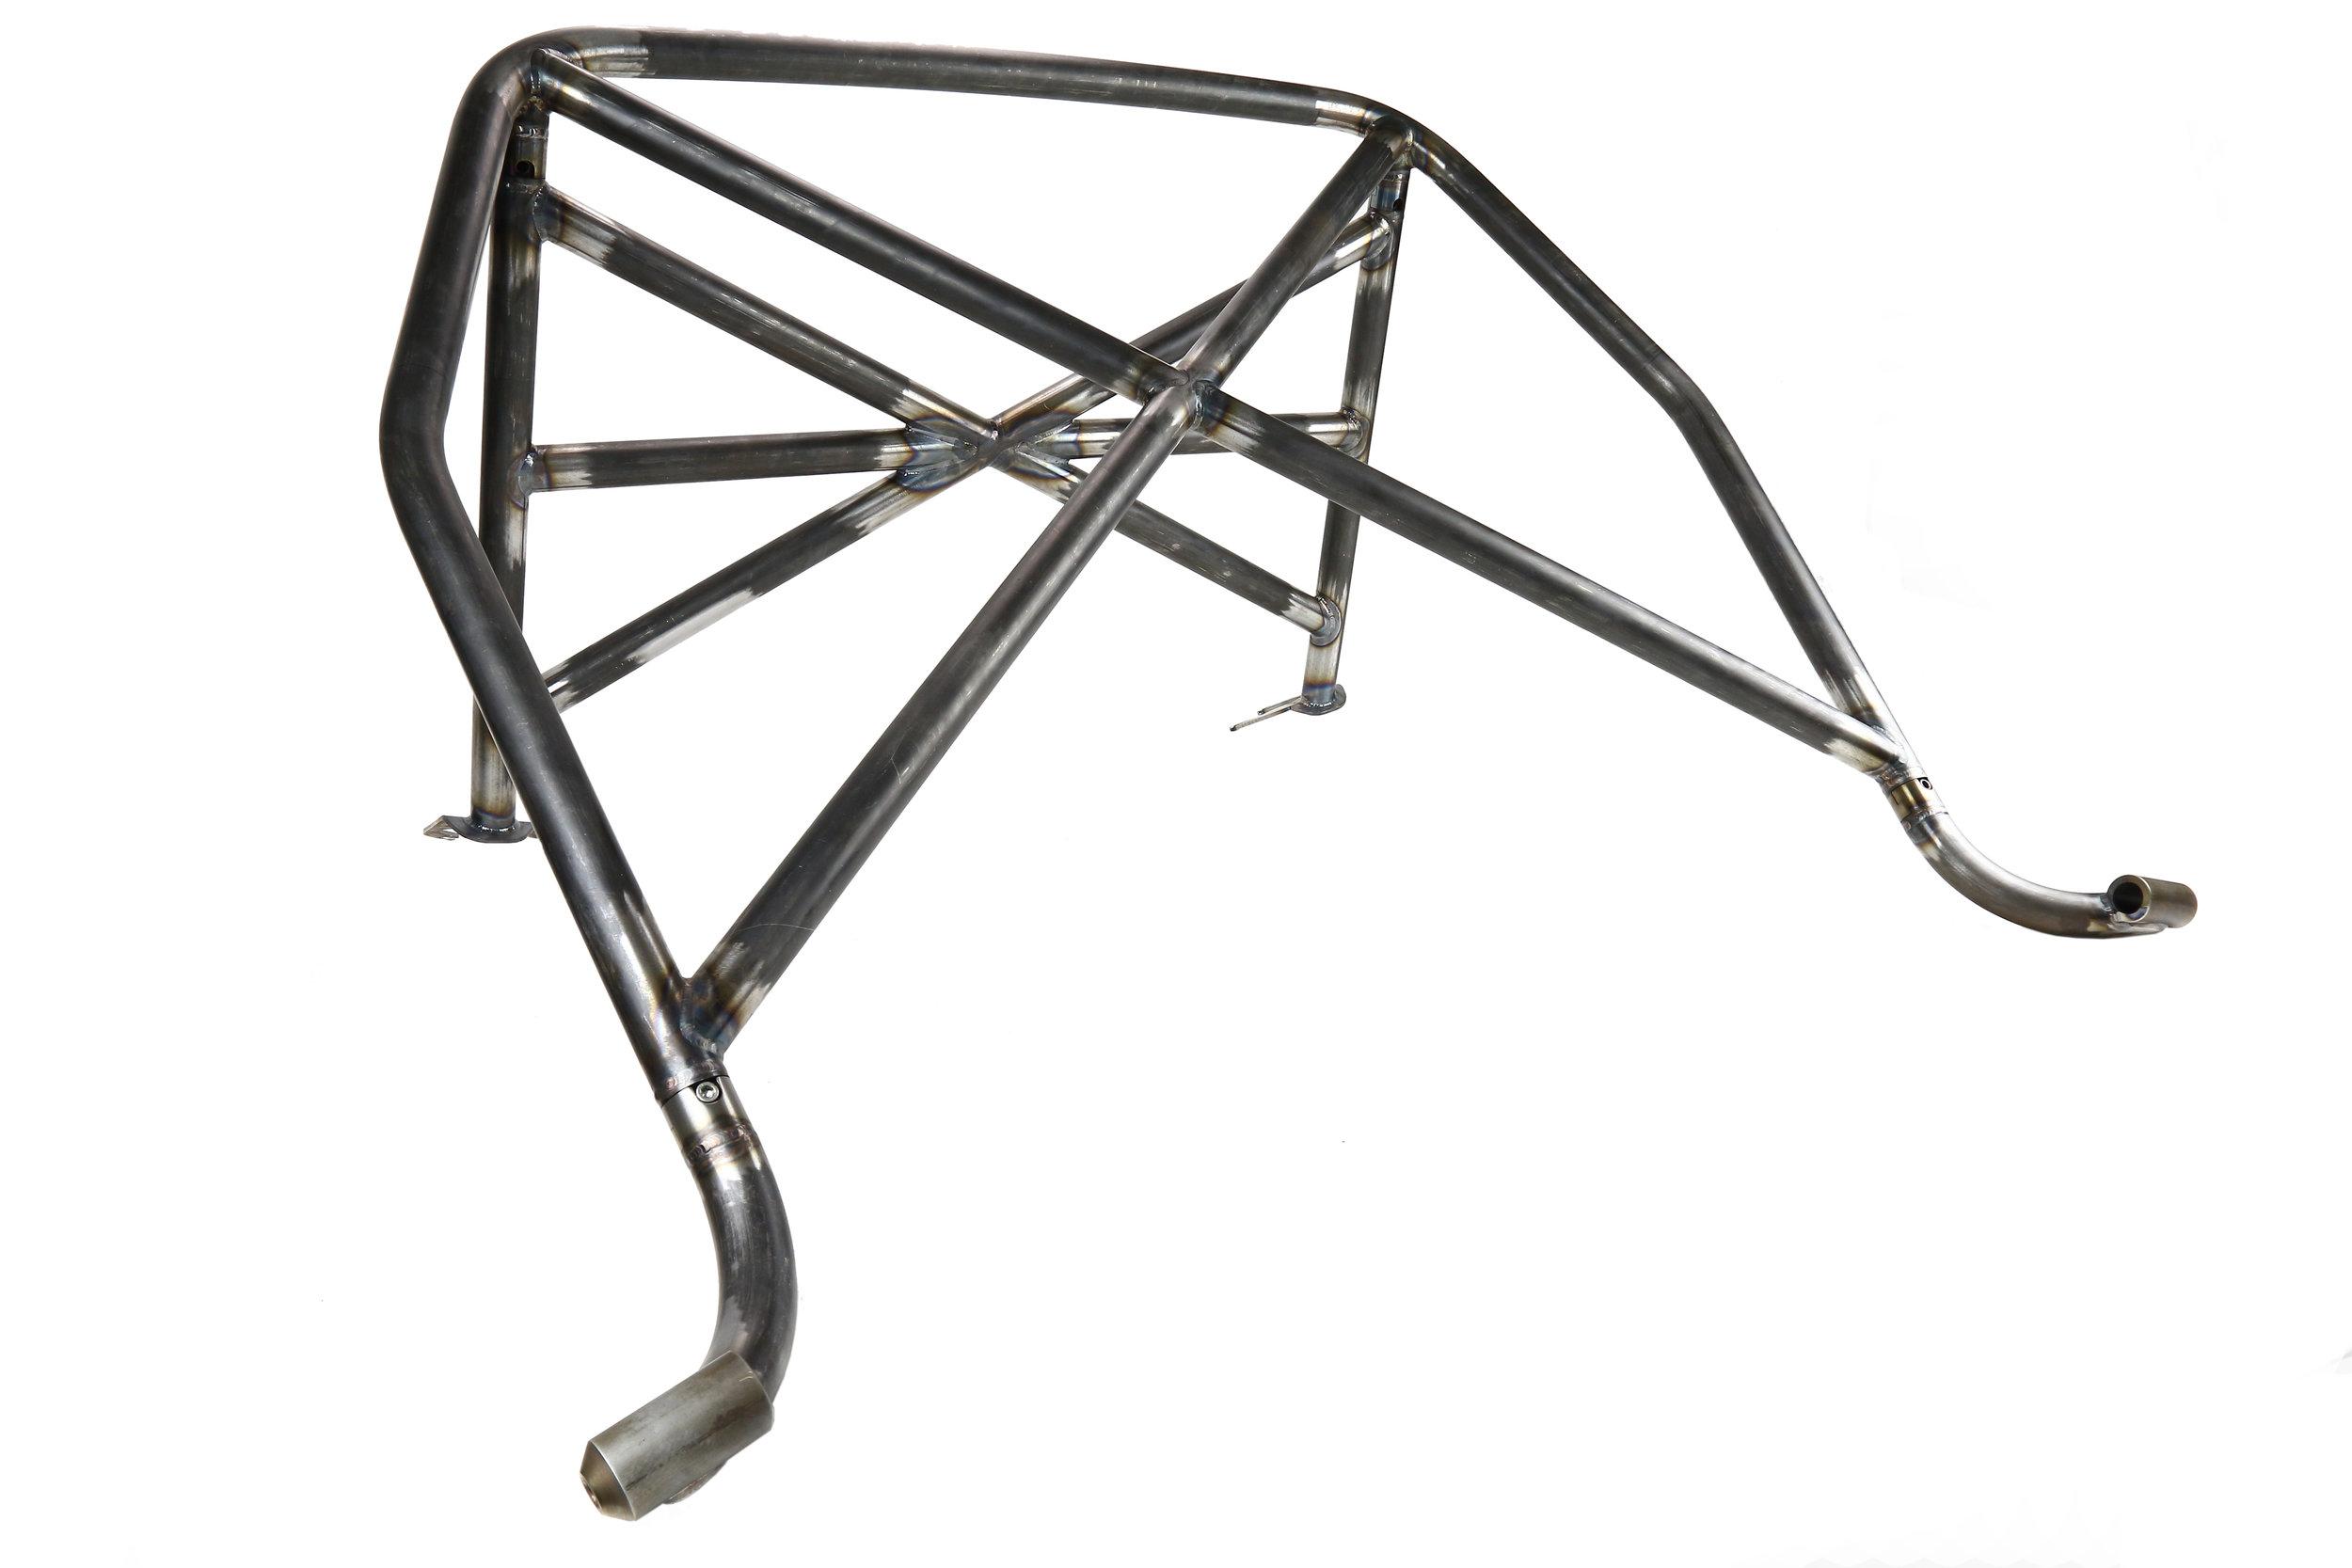 BBi Autosport Porsche 996/997 StreetCup Roll Bar